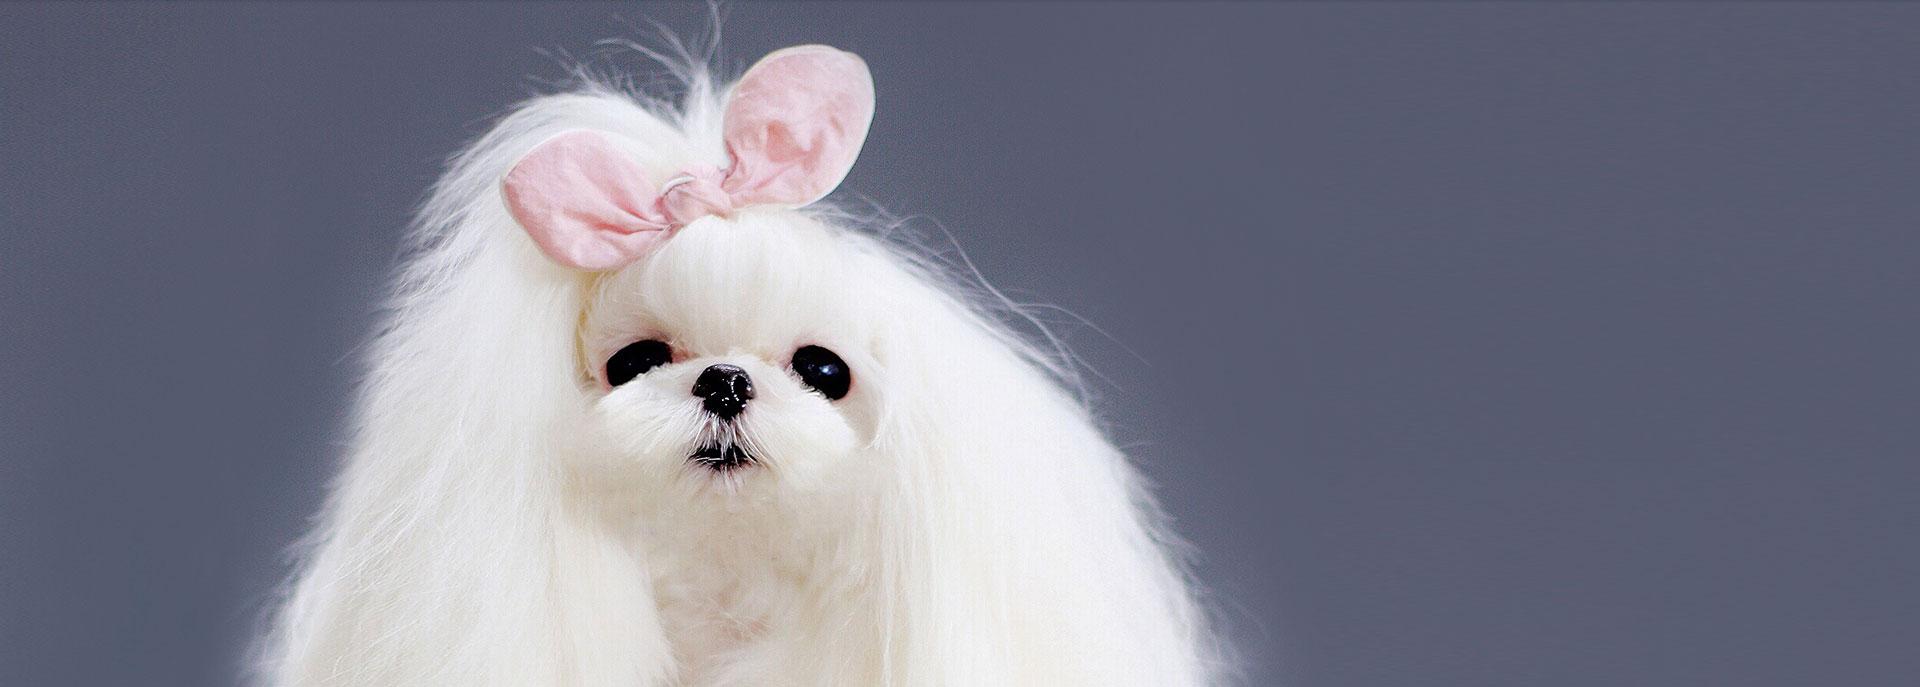 宠物美容学校告诉你:现在的宠物美容行业发展好吗